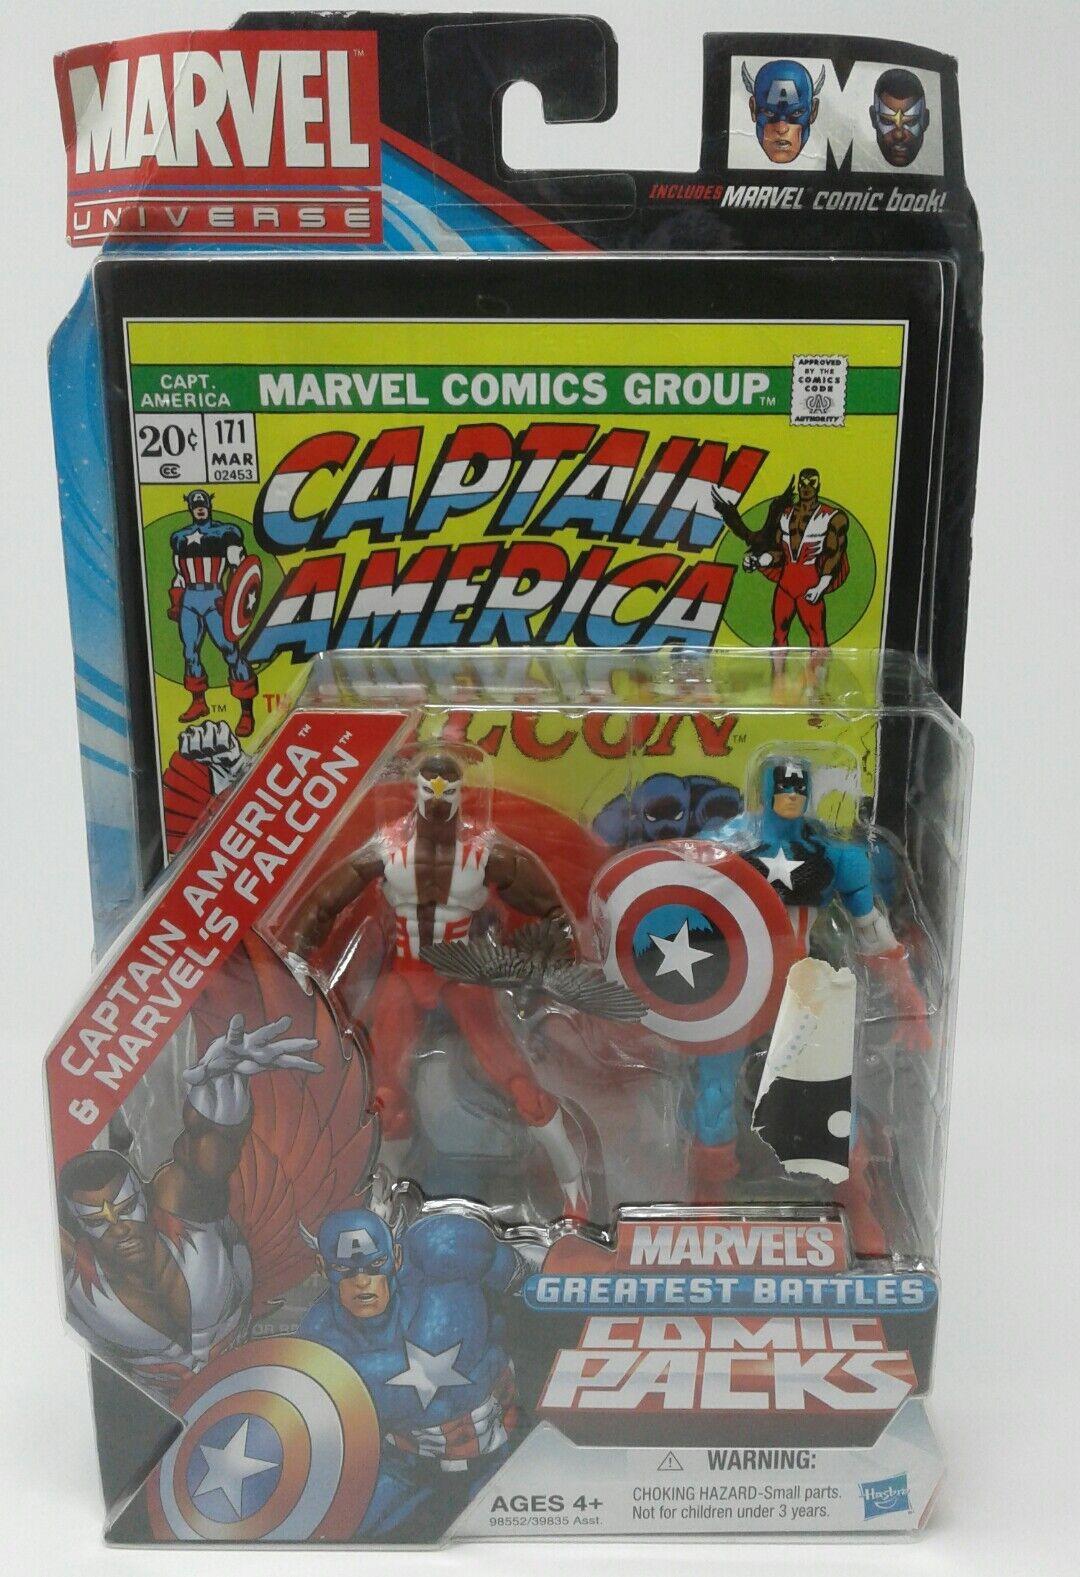 Marvel Univers Captain America & 'S Faucon le Plus Grand Batailles Bd Paquets